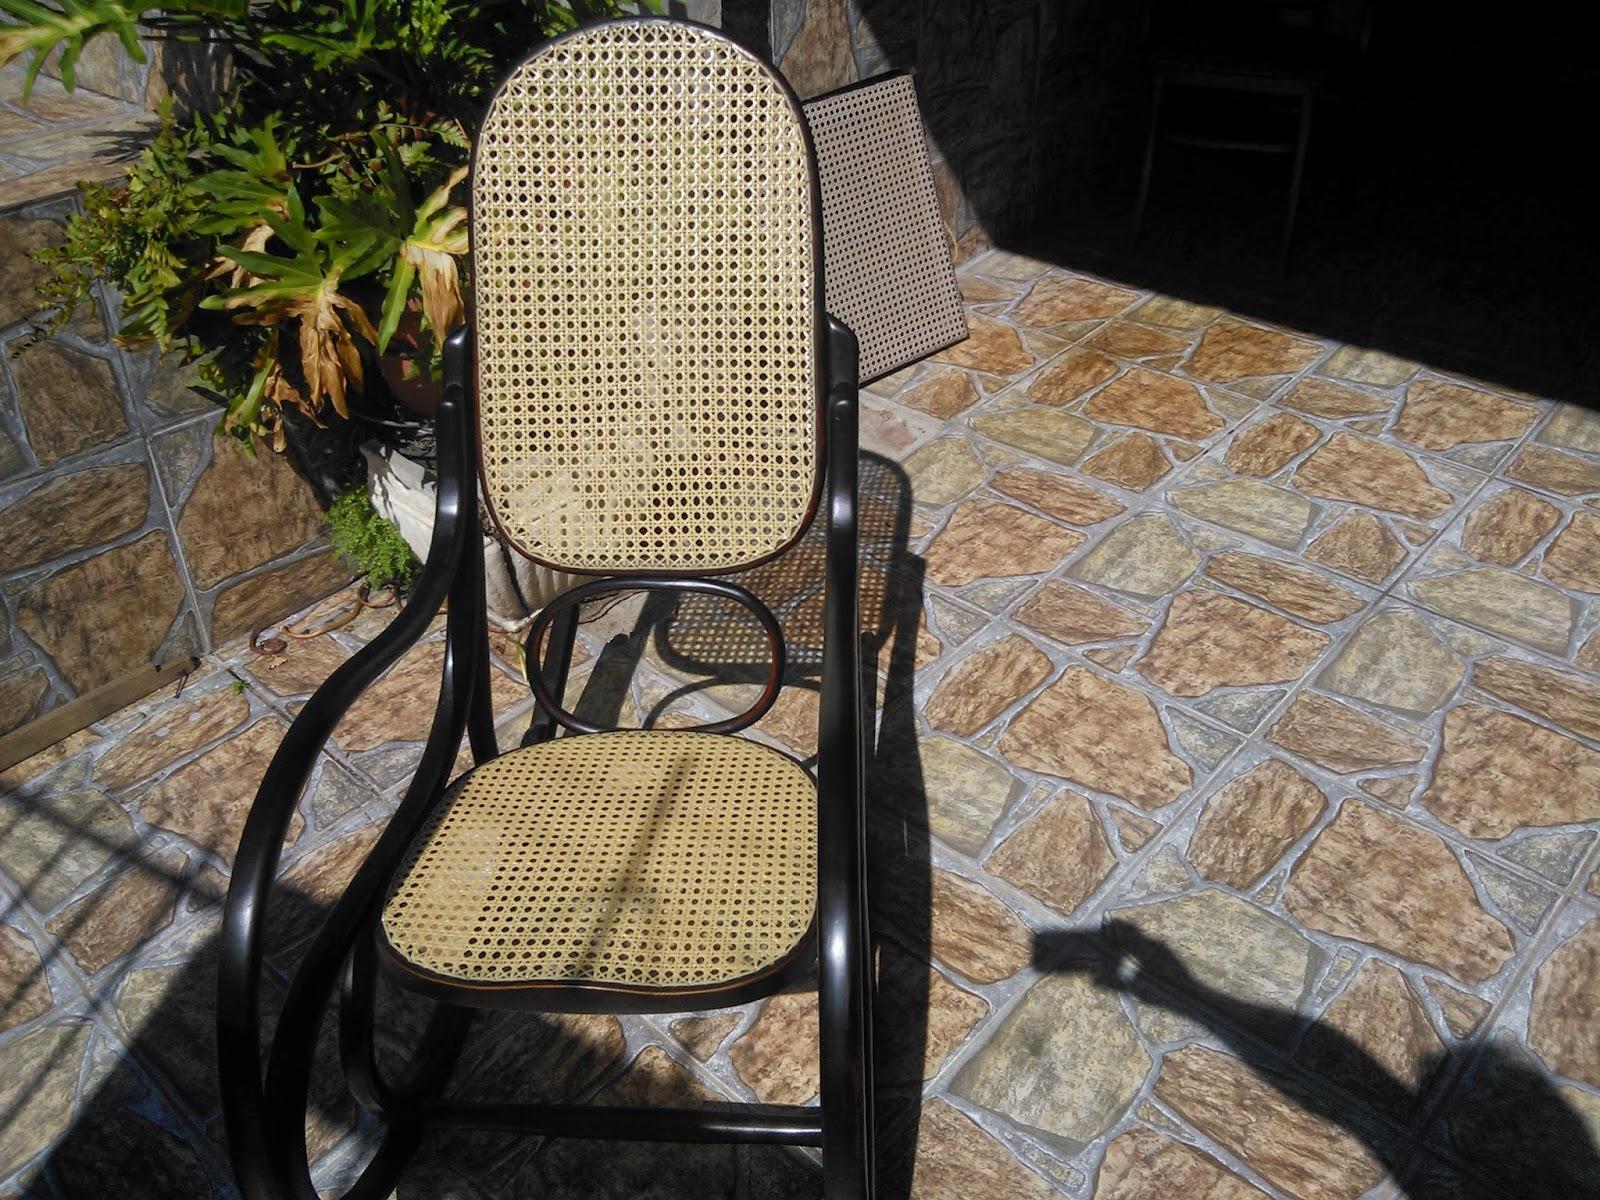 Conserto de cadeiras Thonart: Empalhação de Poltrona em palha  #4C5D1C 1600x1200